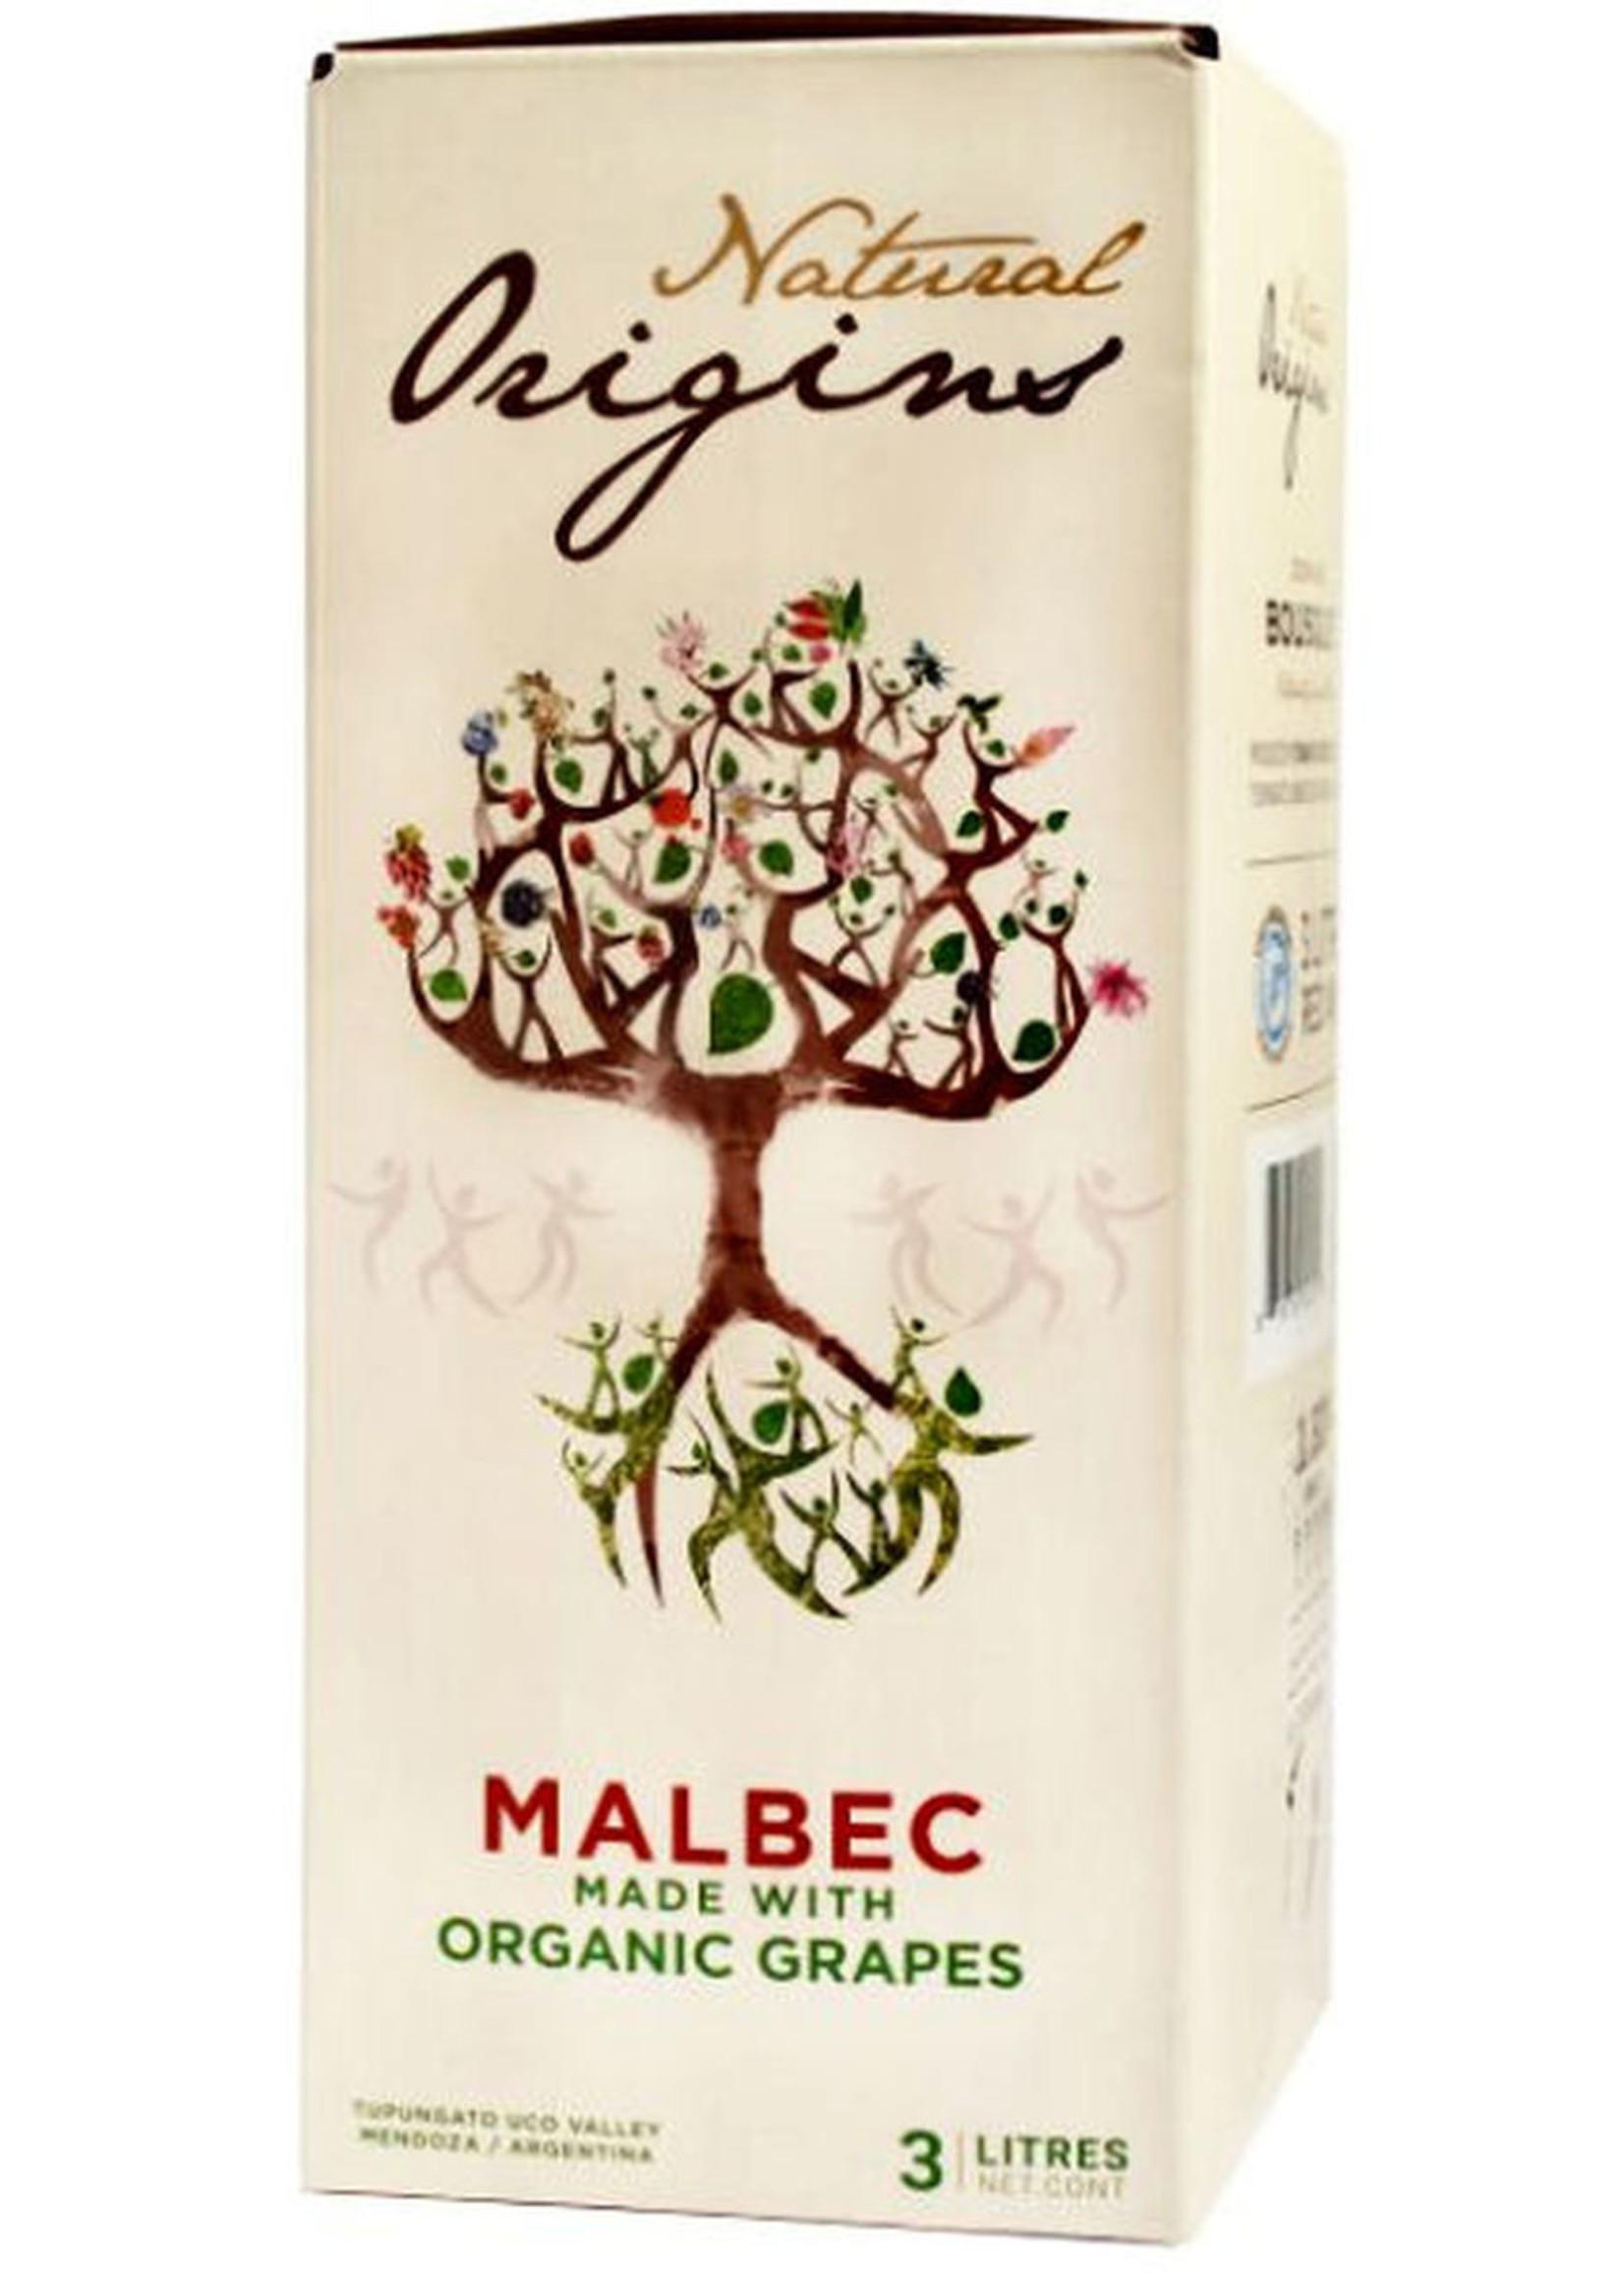 Bousquet Natural Origins Malbec Organic - 3 LTR Box